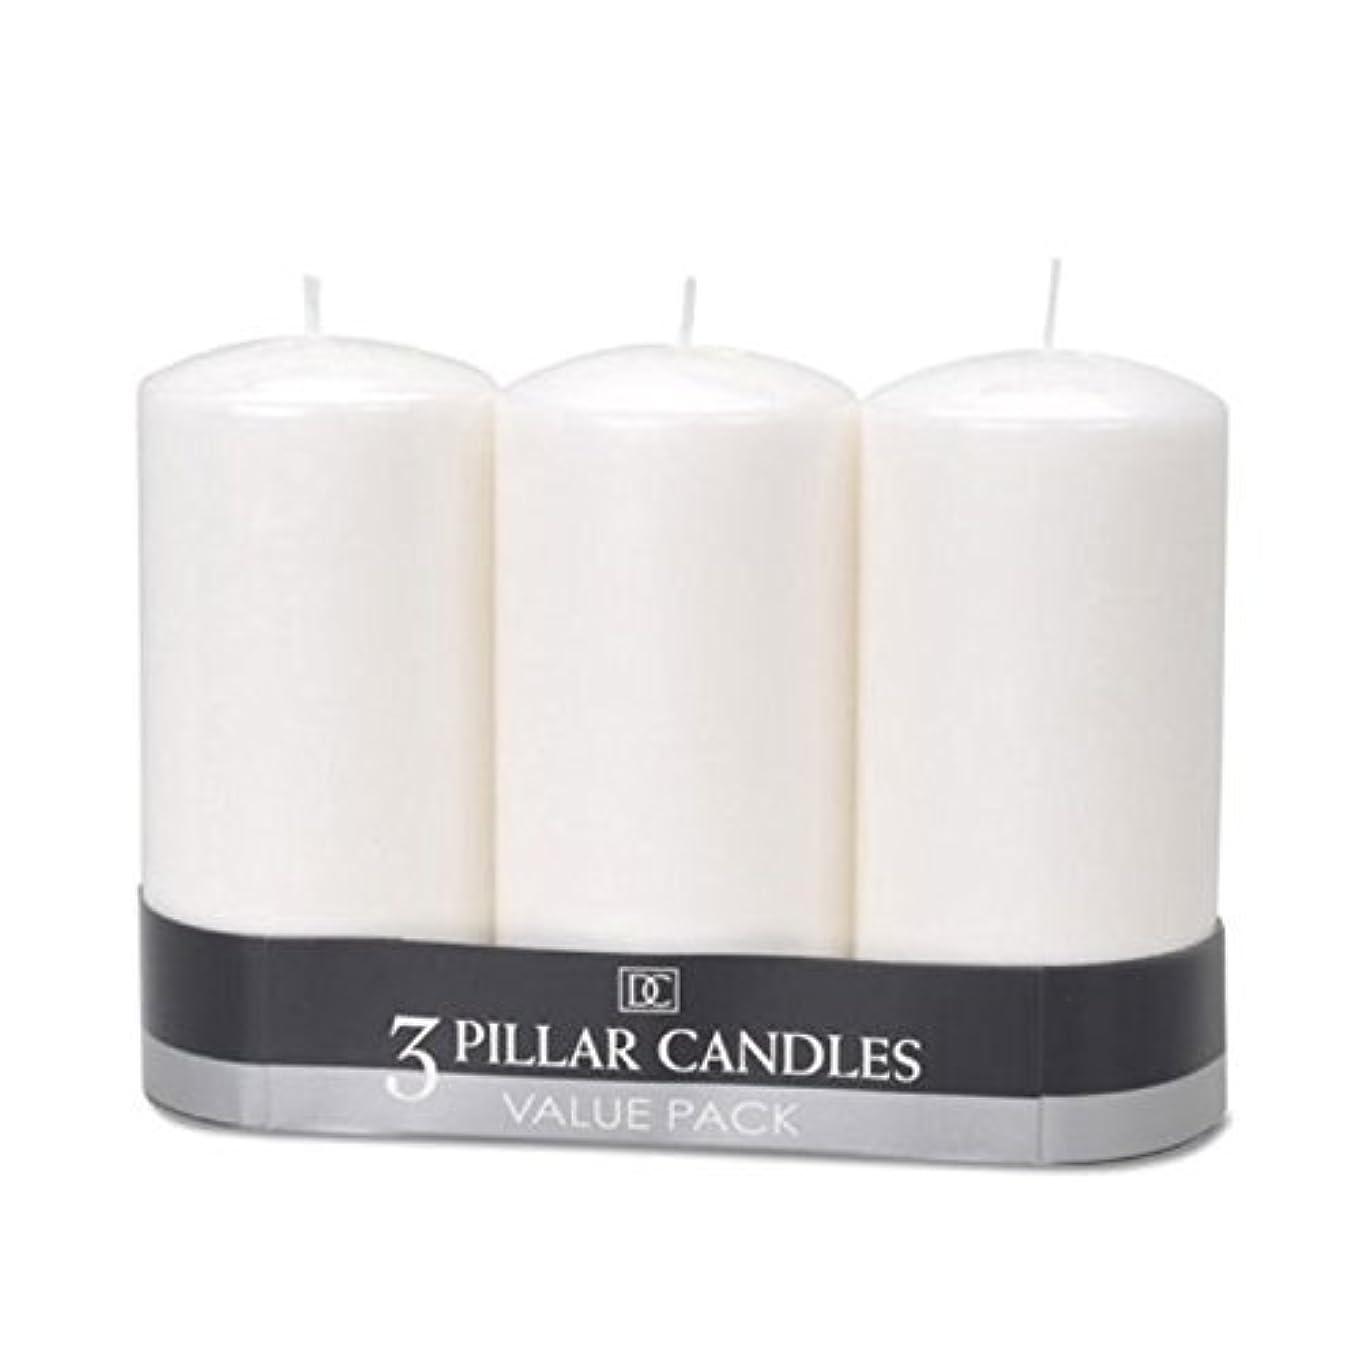 眠りグレード感心する(2) - DYNAMIC COLLECTIONS 3 Pillar Candles value pack, White 2pk